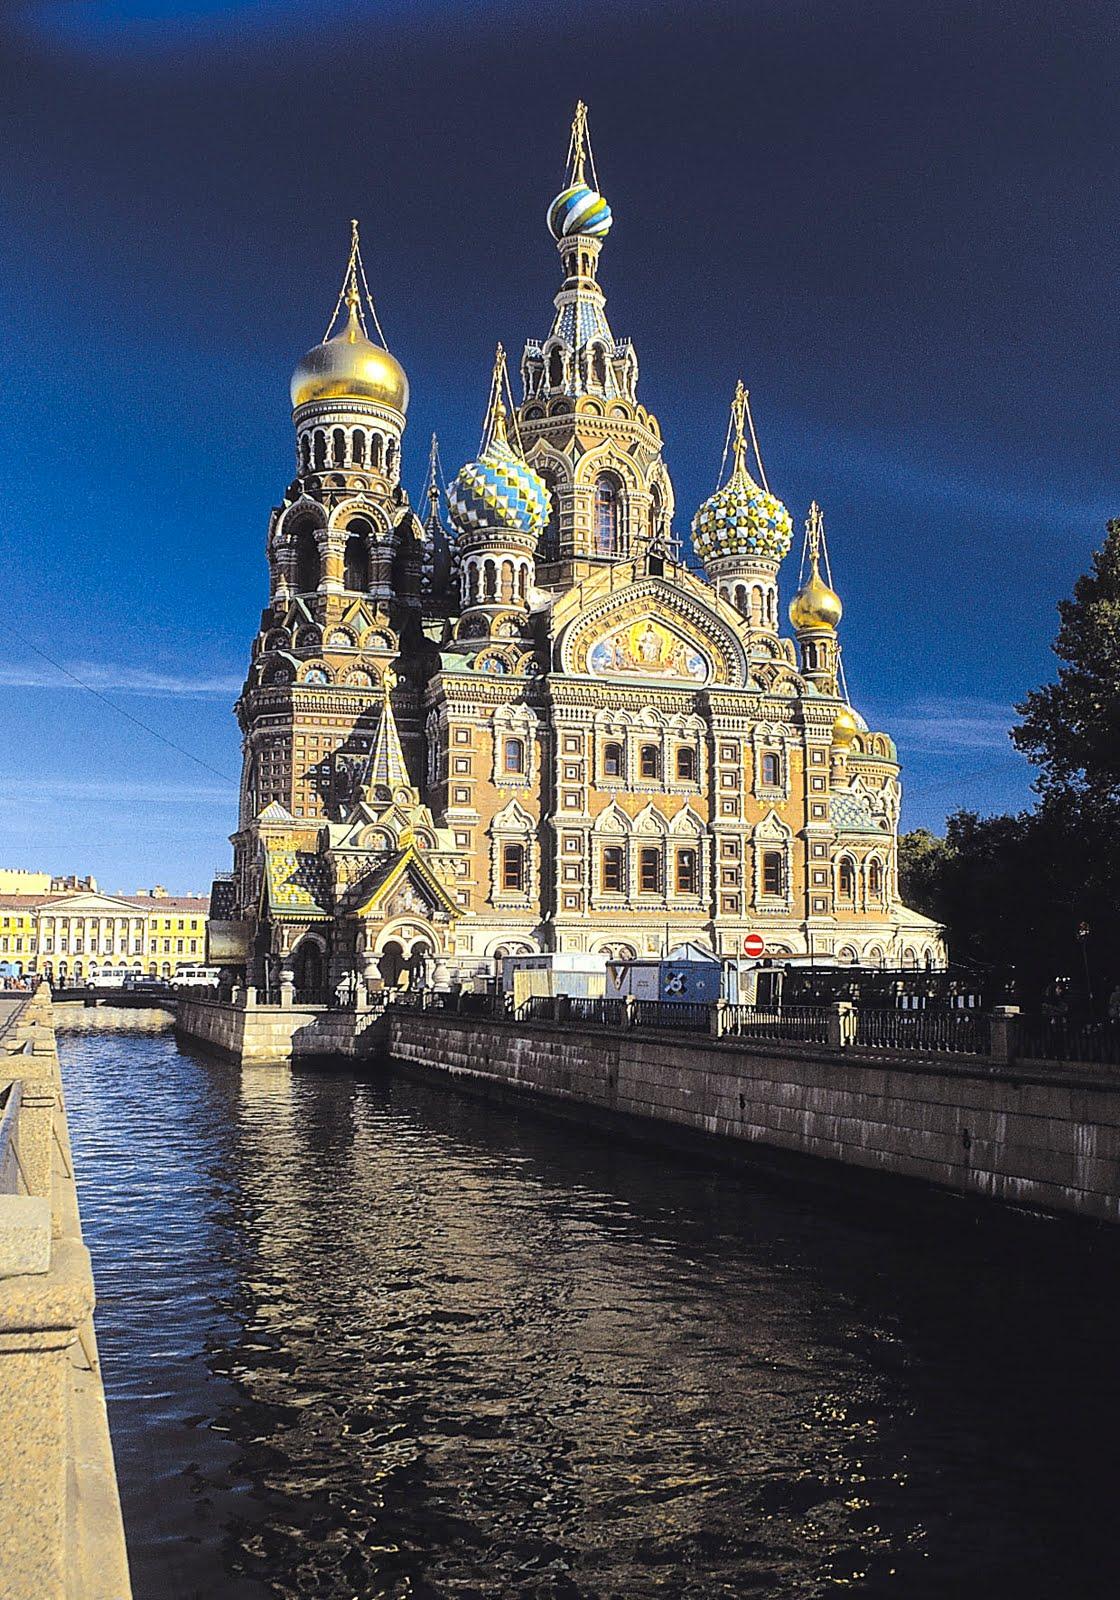 St Petersburg Nood: A. P. Scribbles: St. Petersburg